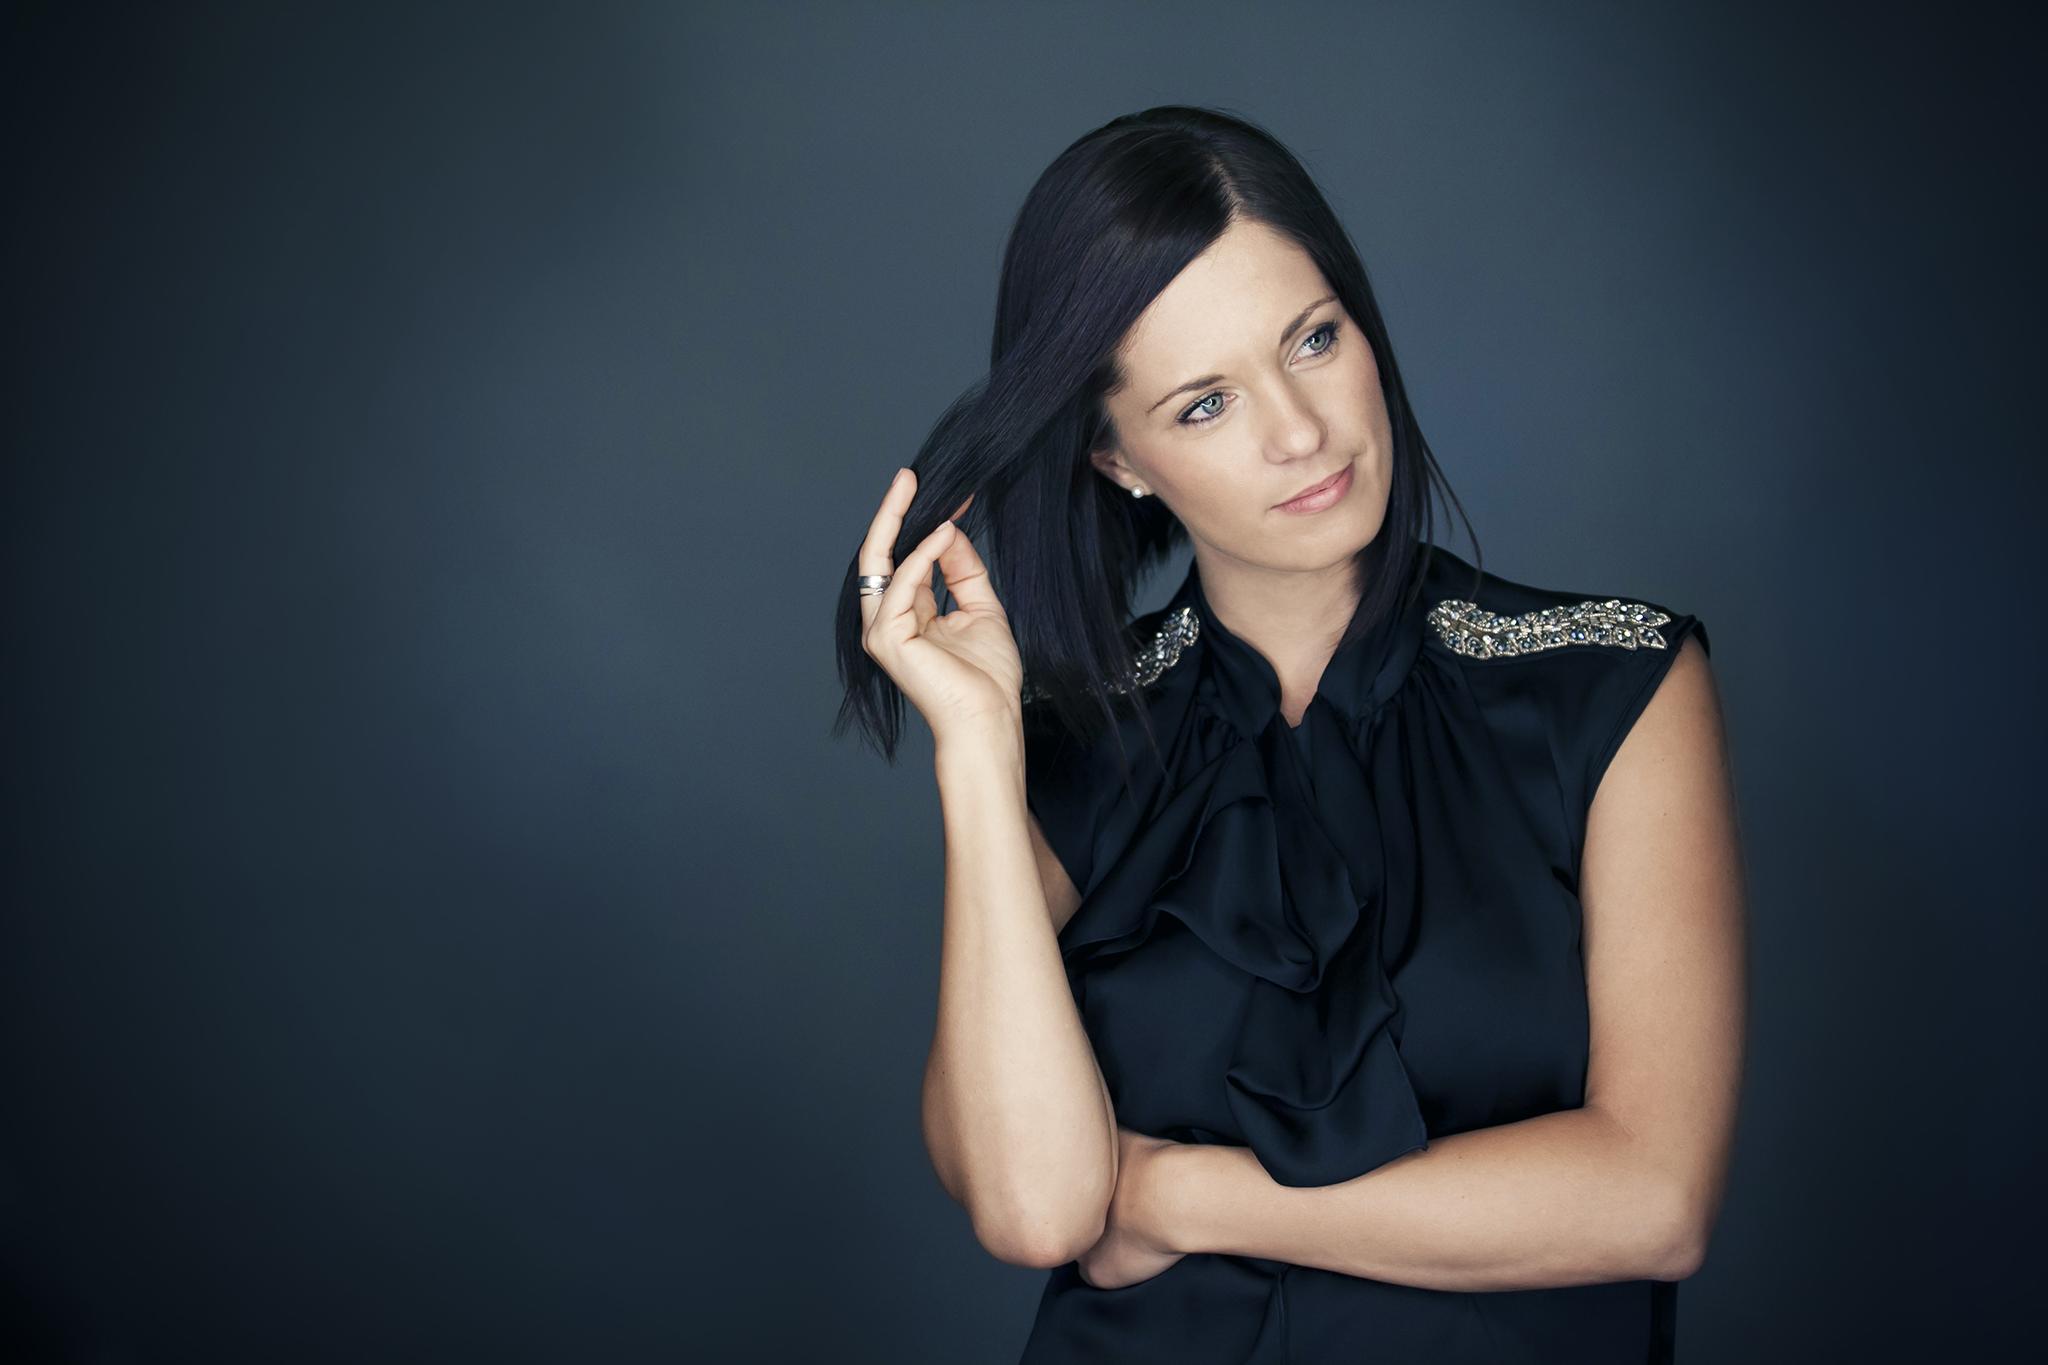 Judit Maruszky kismama és újszülött fotós